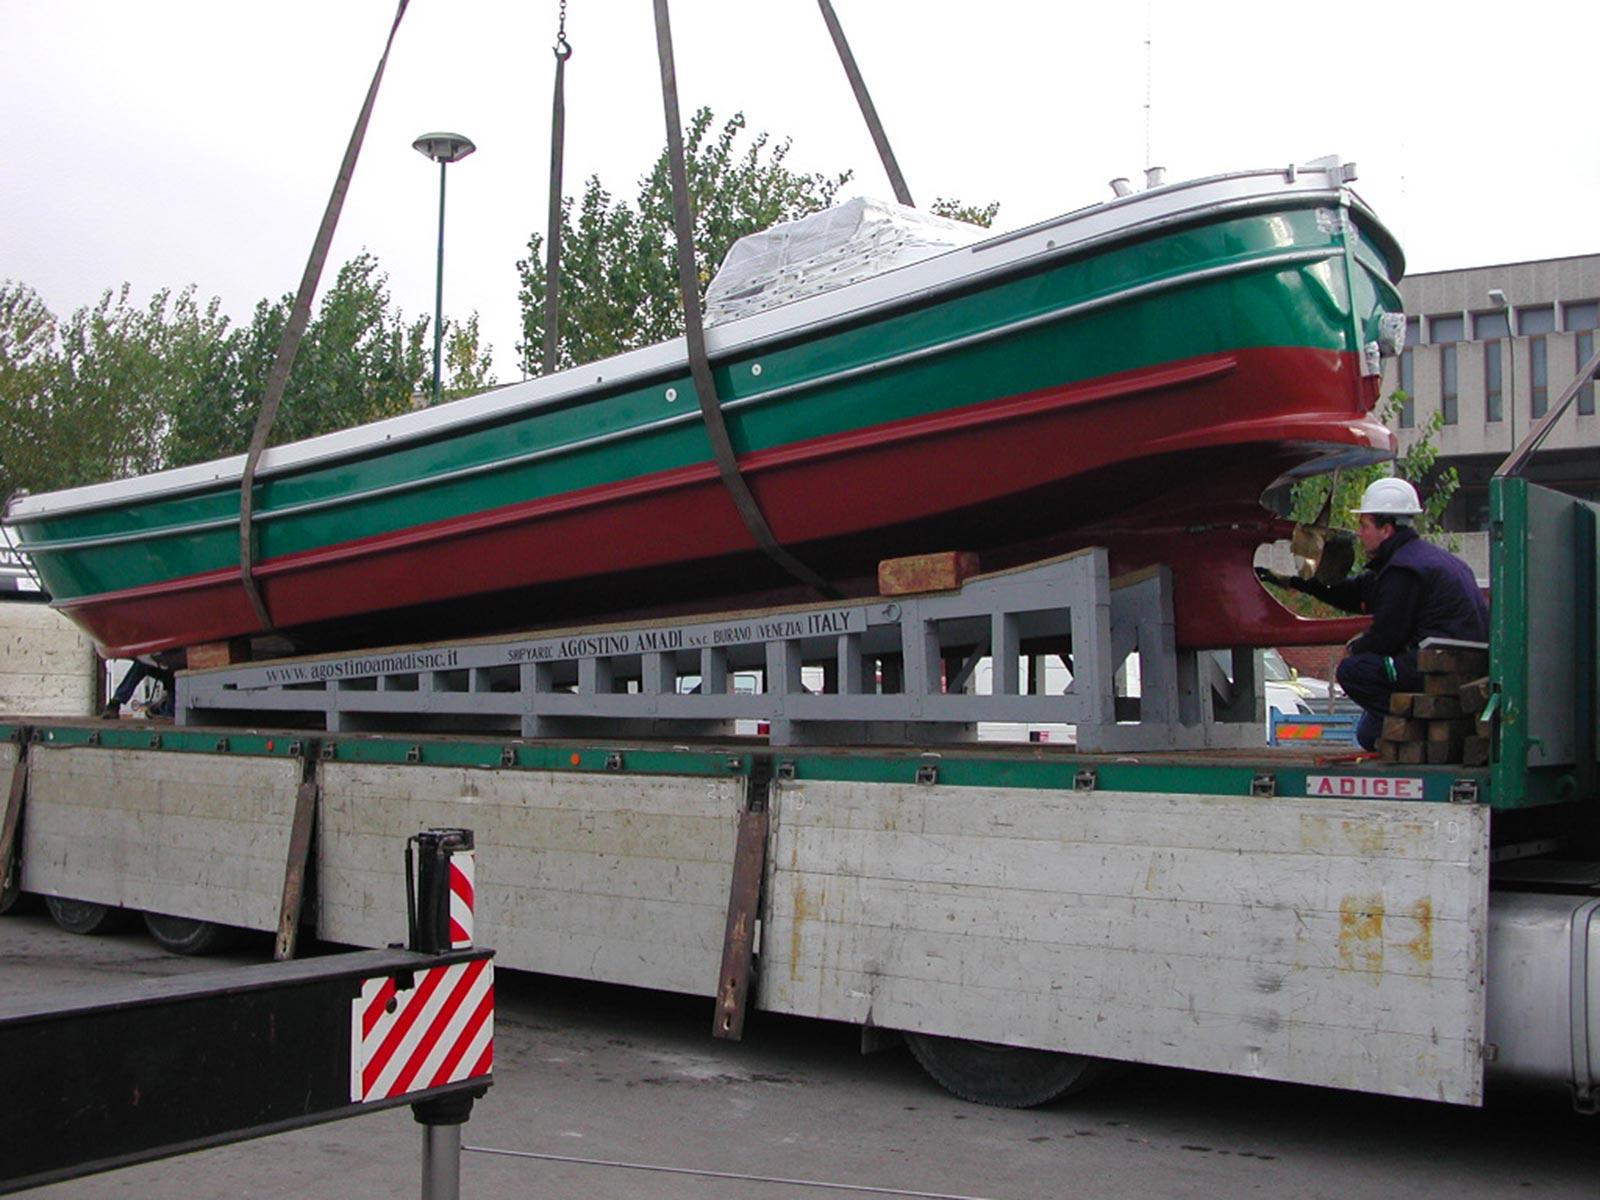 Scarico imbarcazione Tronchetto Venezia